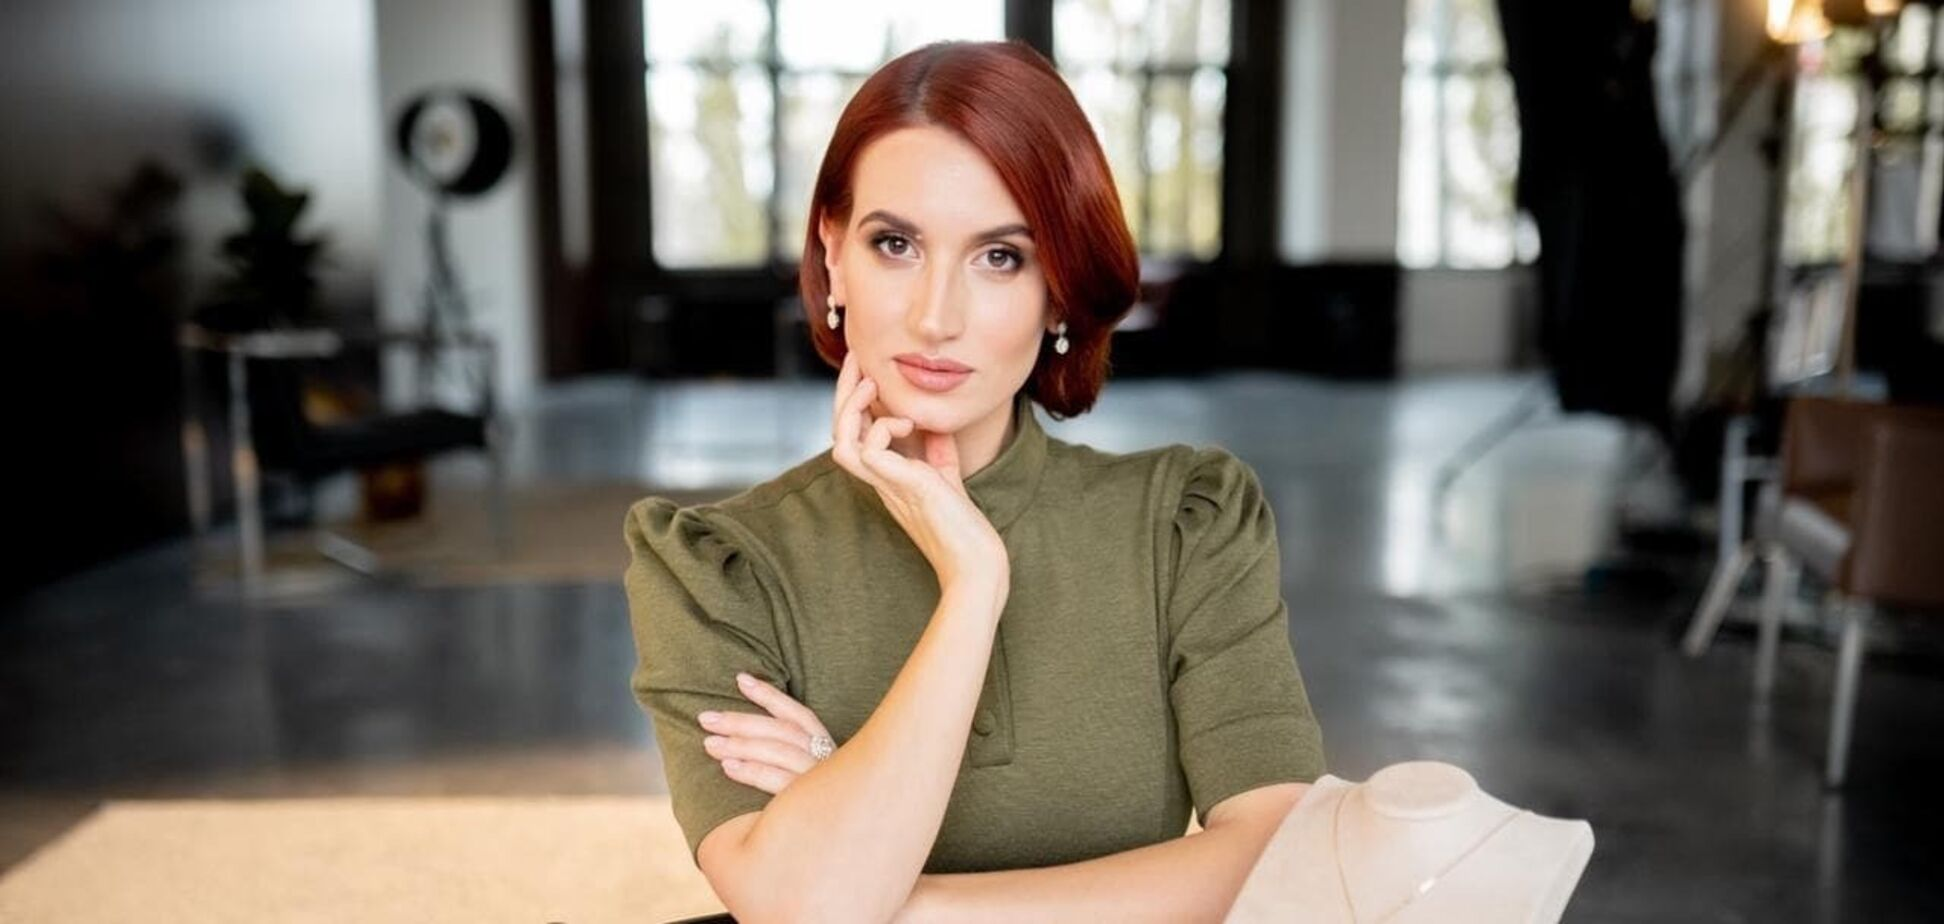 Євгенія Емеральд розповіла про свій ювелірний бренд